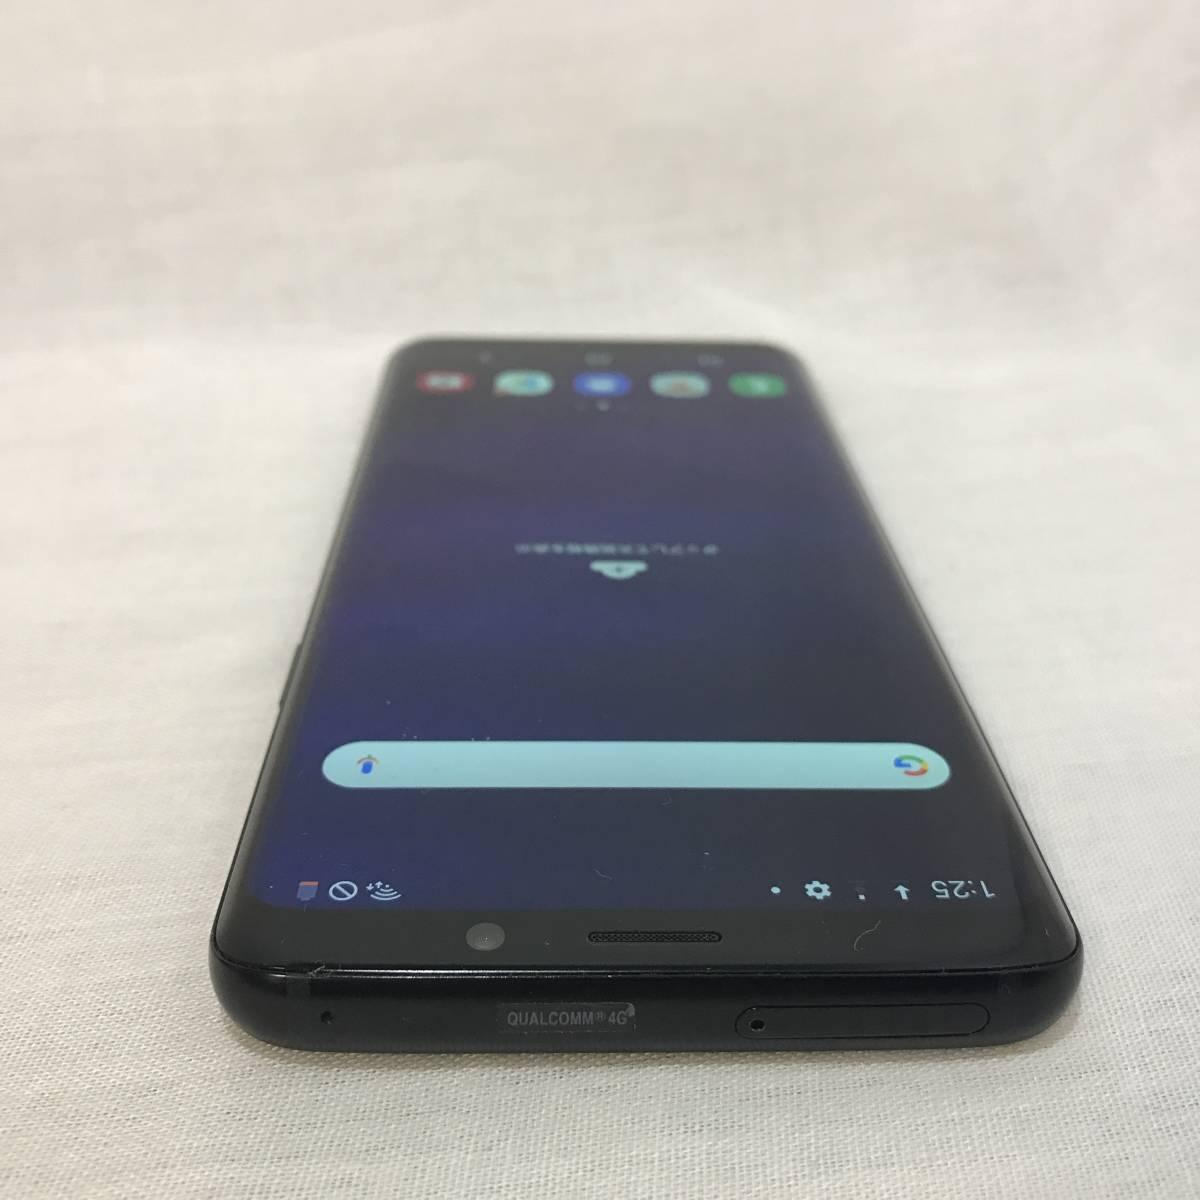 美品 SIMロック解除済み★SAMSUNG au Galaxy S9 SCV38 ミッドナイトブラック 利用制限〇 SIMフリー 送料無料 /YZX3634_画像5